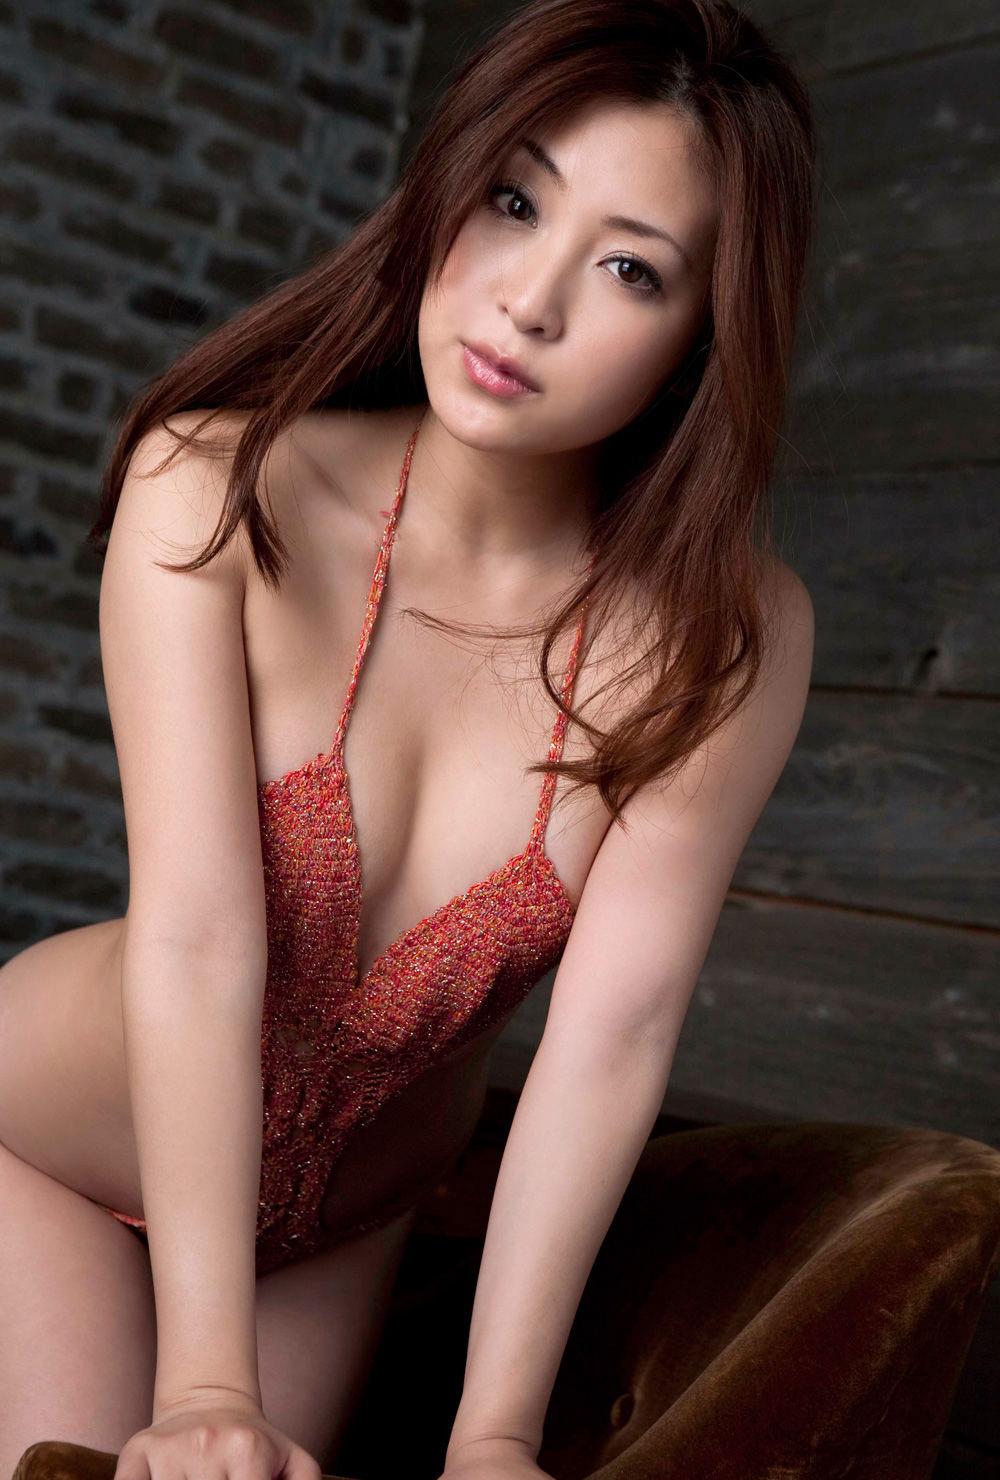 辰巳奈都子 画像 掲示板 55